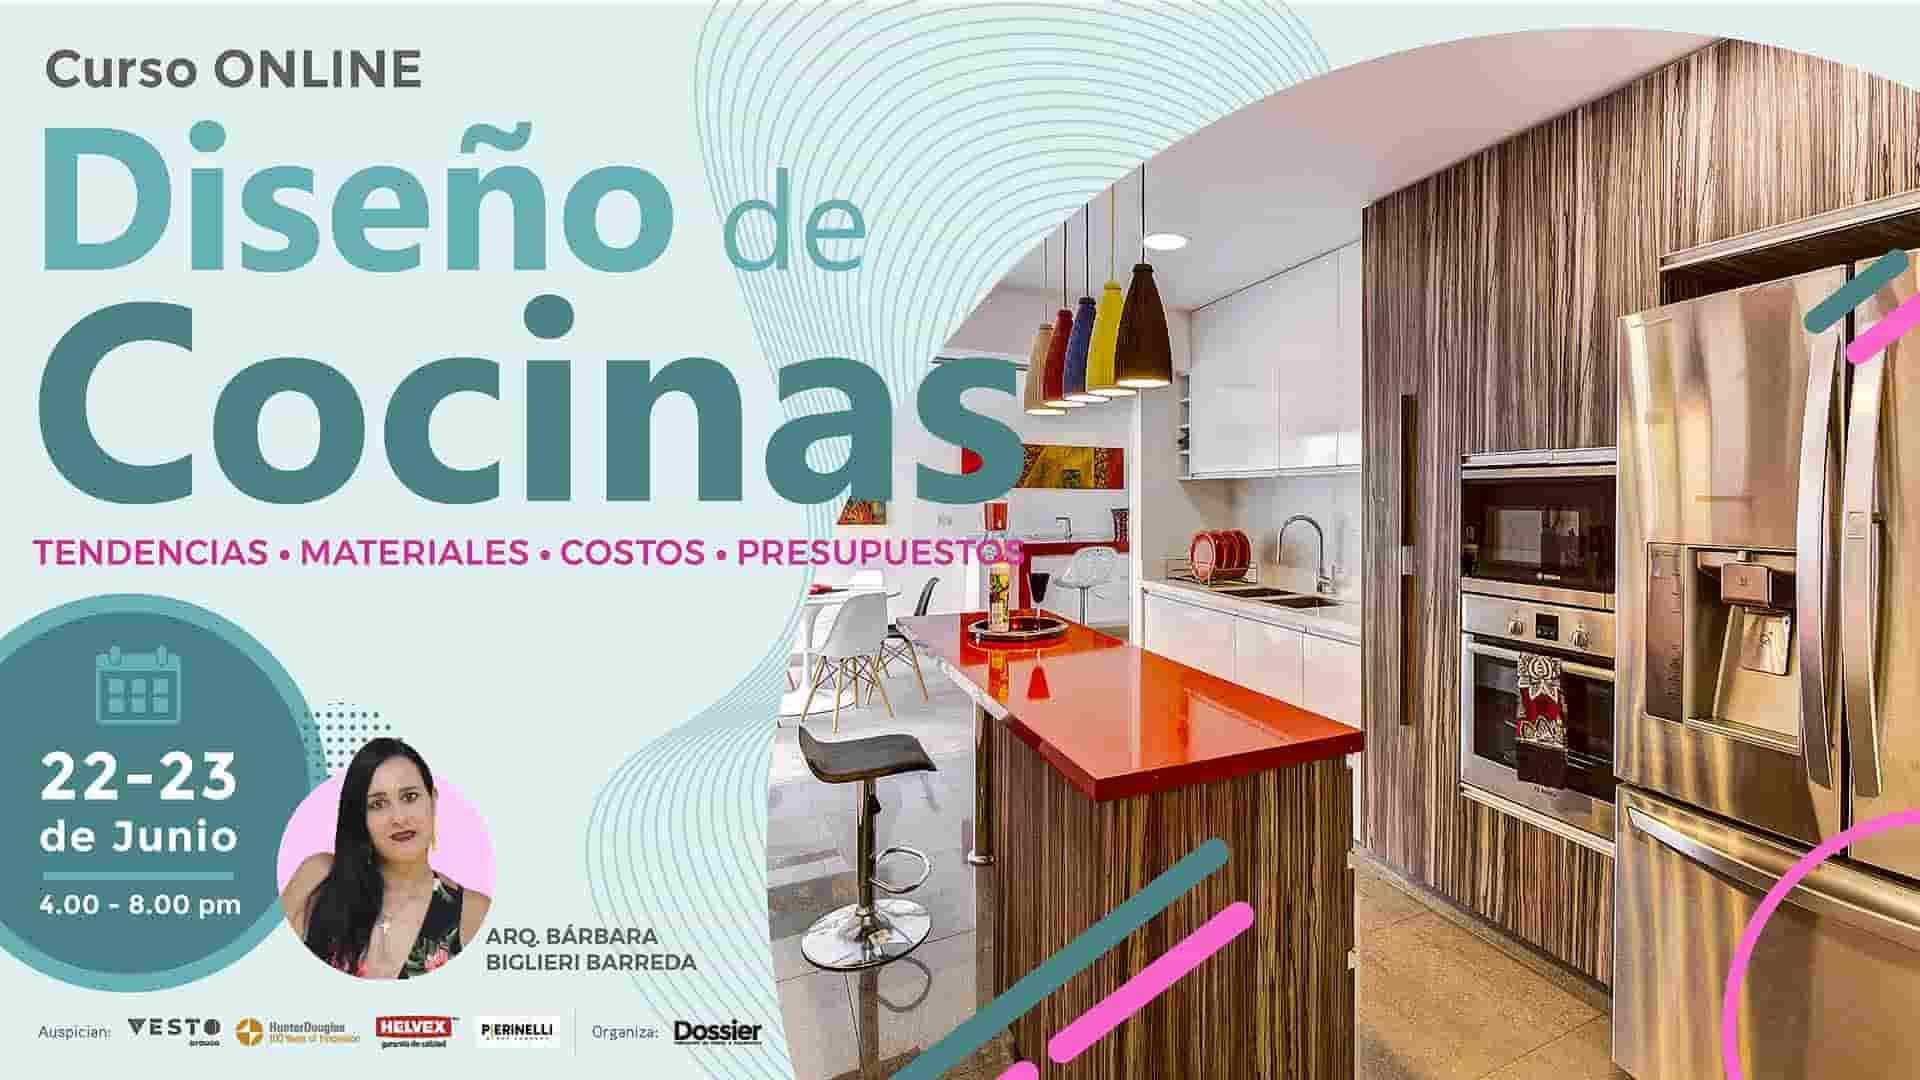 Diseño de cocinas, tendencias, materiales, costos y presupuestos